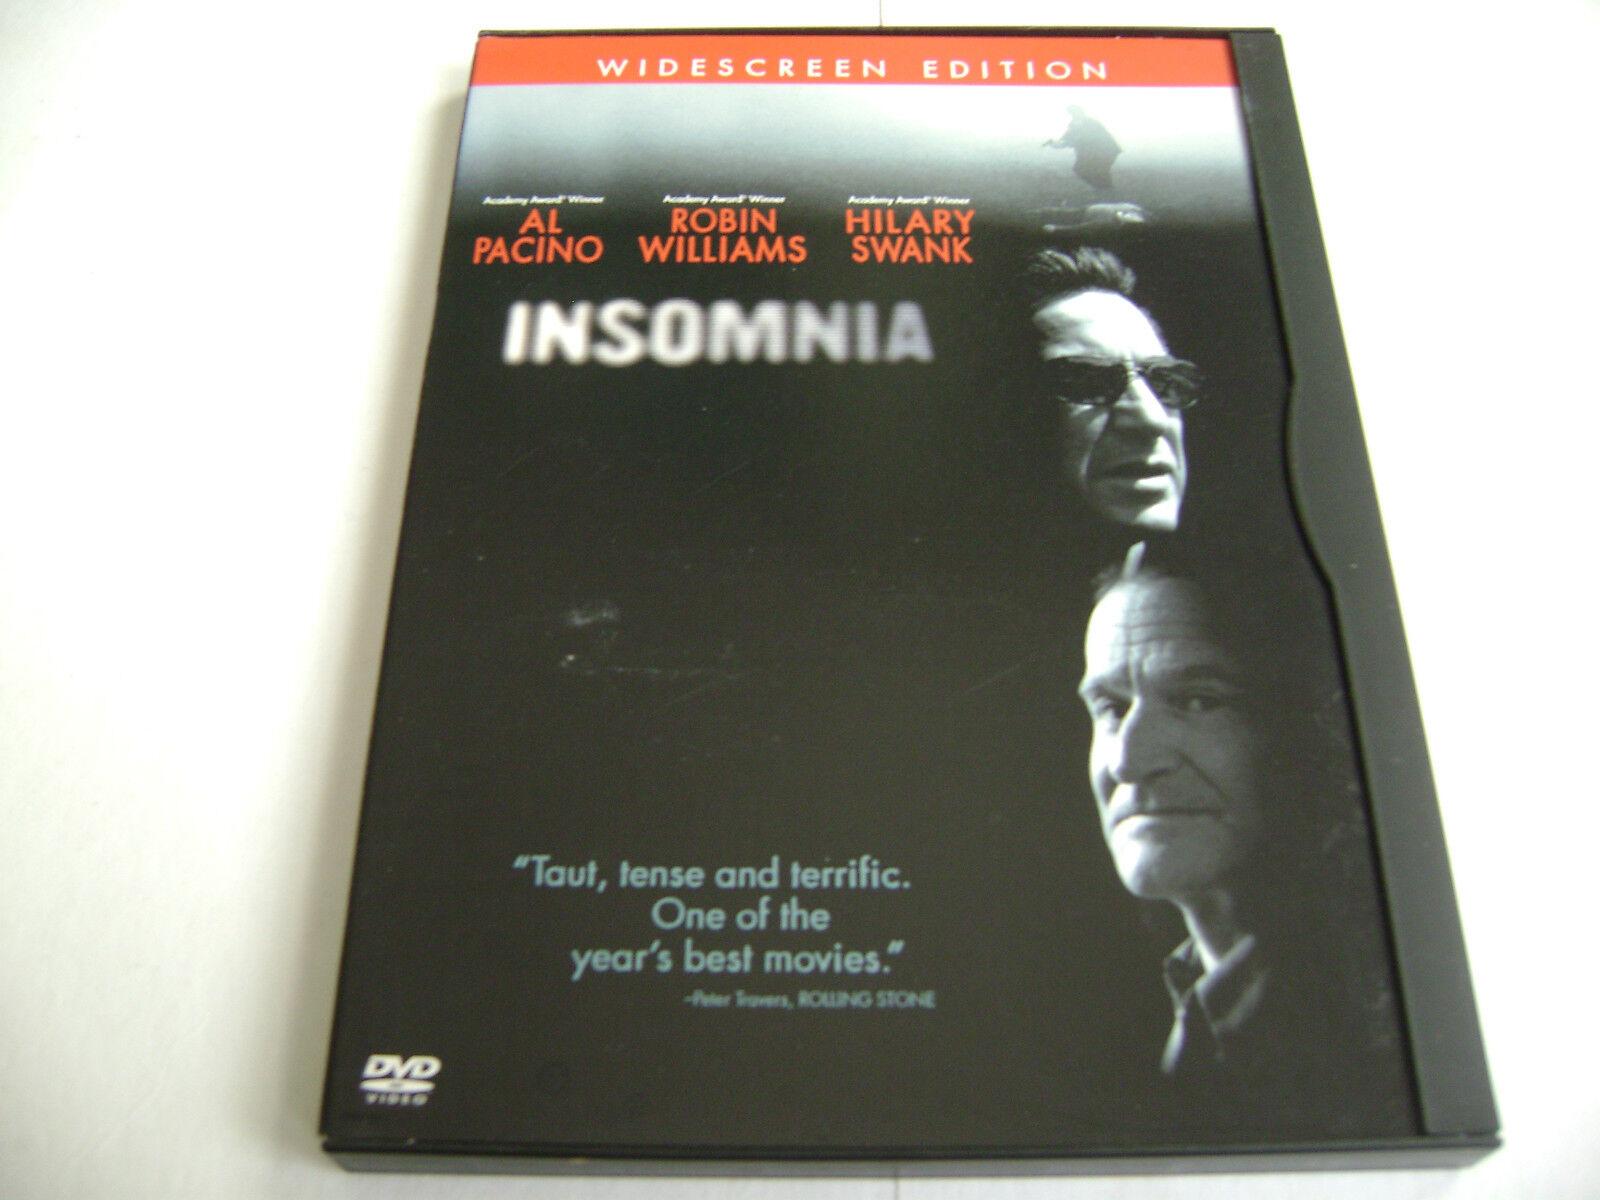 Insomnia (DVD, Widescreen Edition, Bilingual) Al Pacino, Robin Williams 1